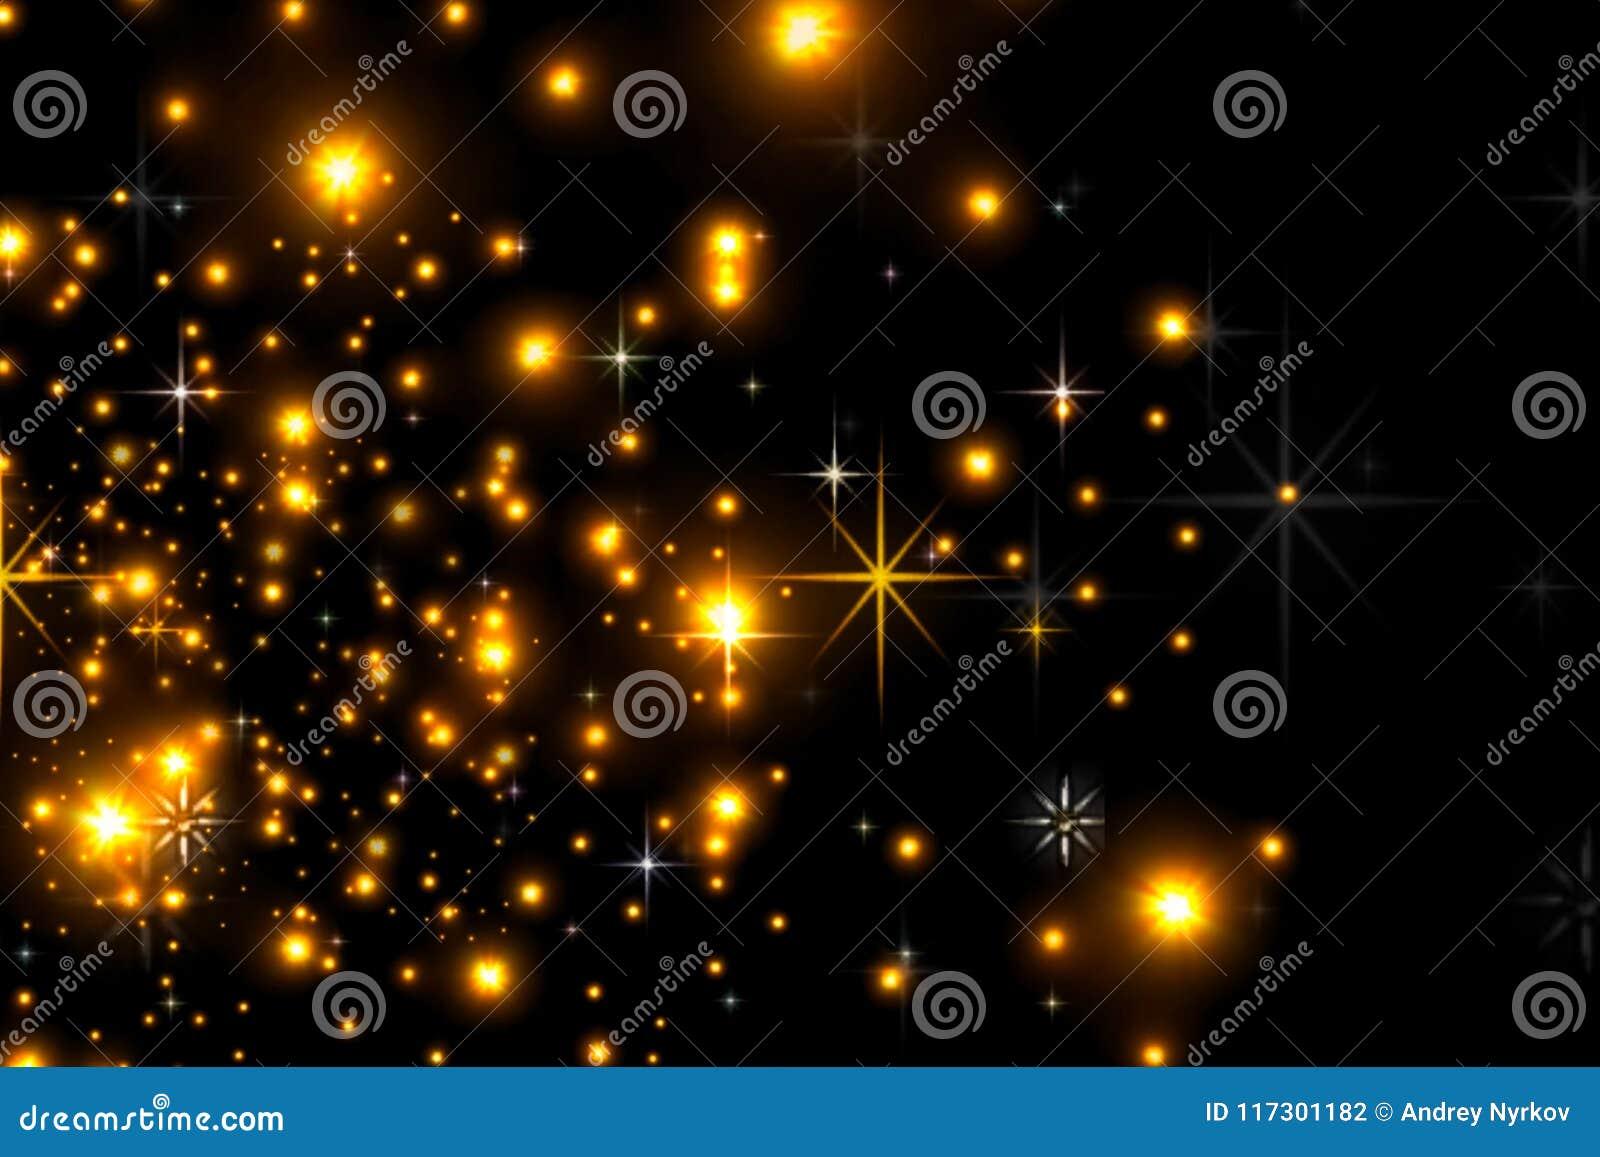 Estrellas Animadas En Un Fondo Negro El Cielo Estrellado